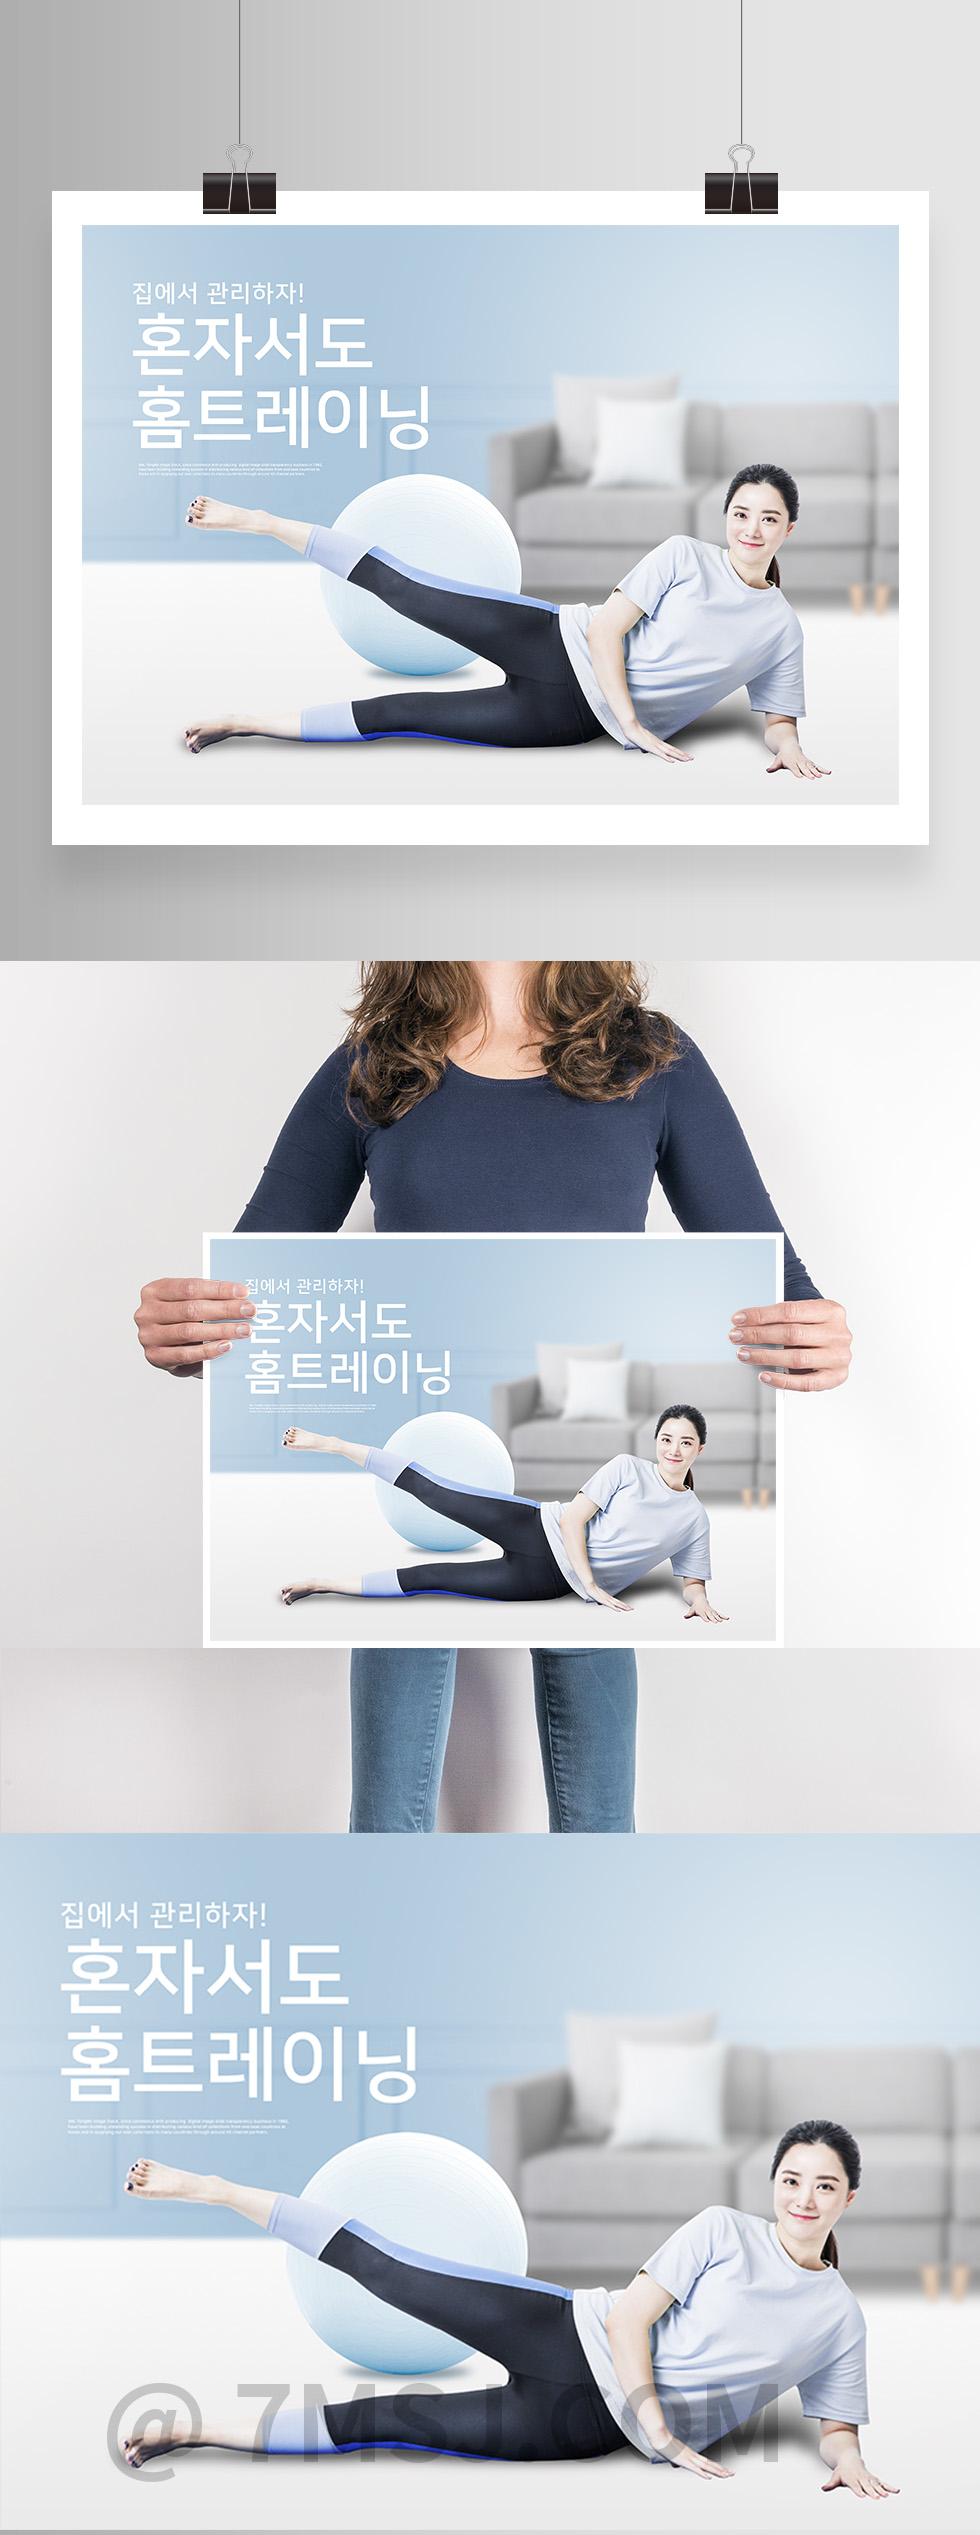 瑜伽运动健康宣传海报 Yoga Sports Health Publicity Poster